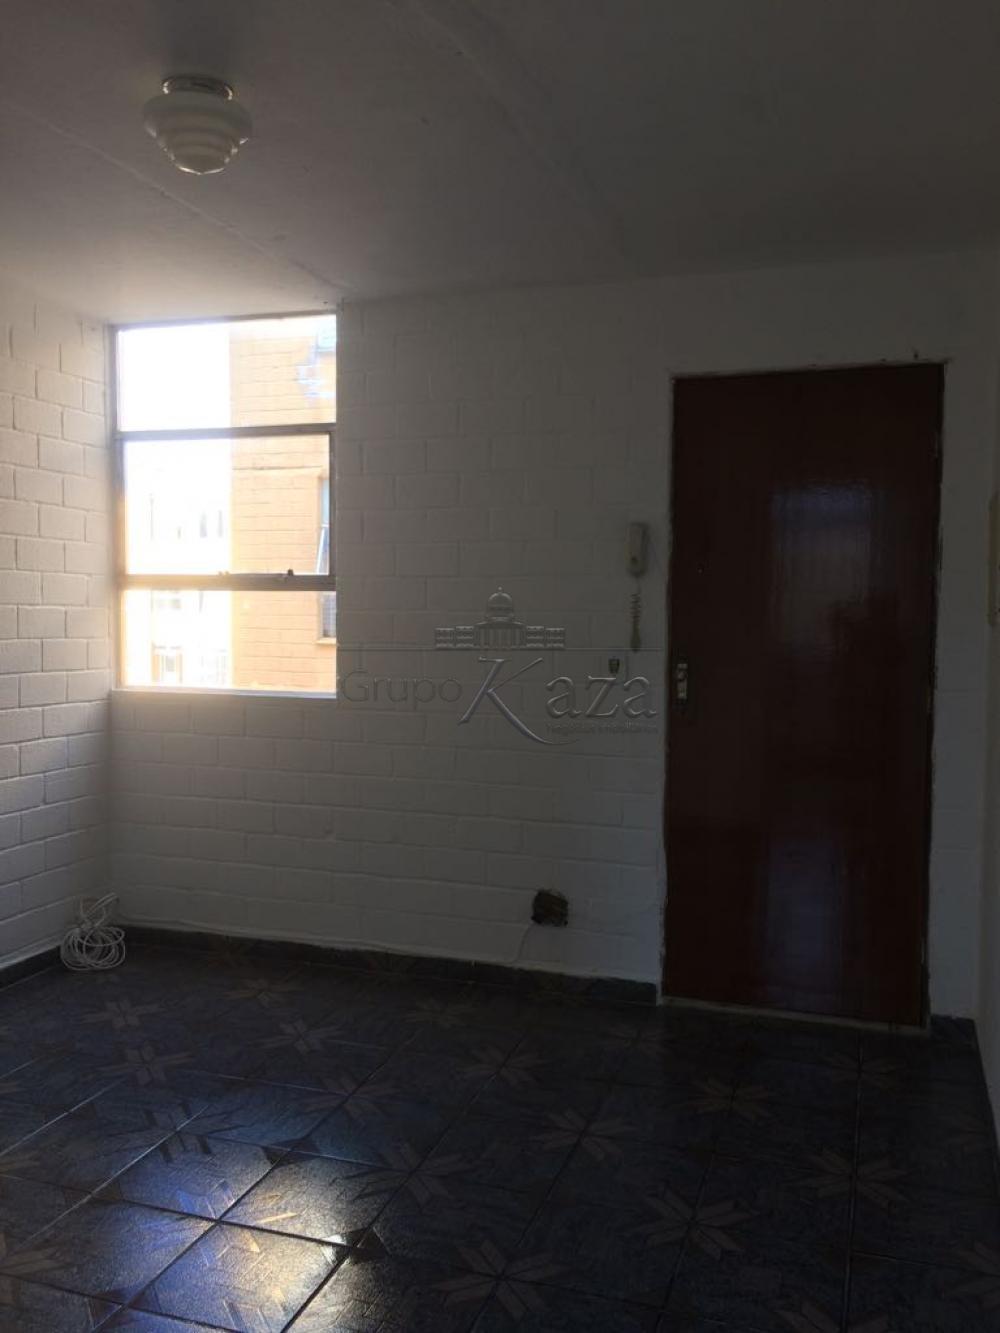 Alugar Apartamento / Padrão em São José dos Campos apenas R$ 770,00 - Foto 5